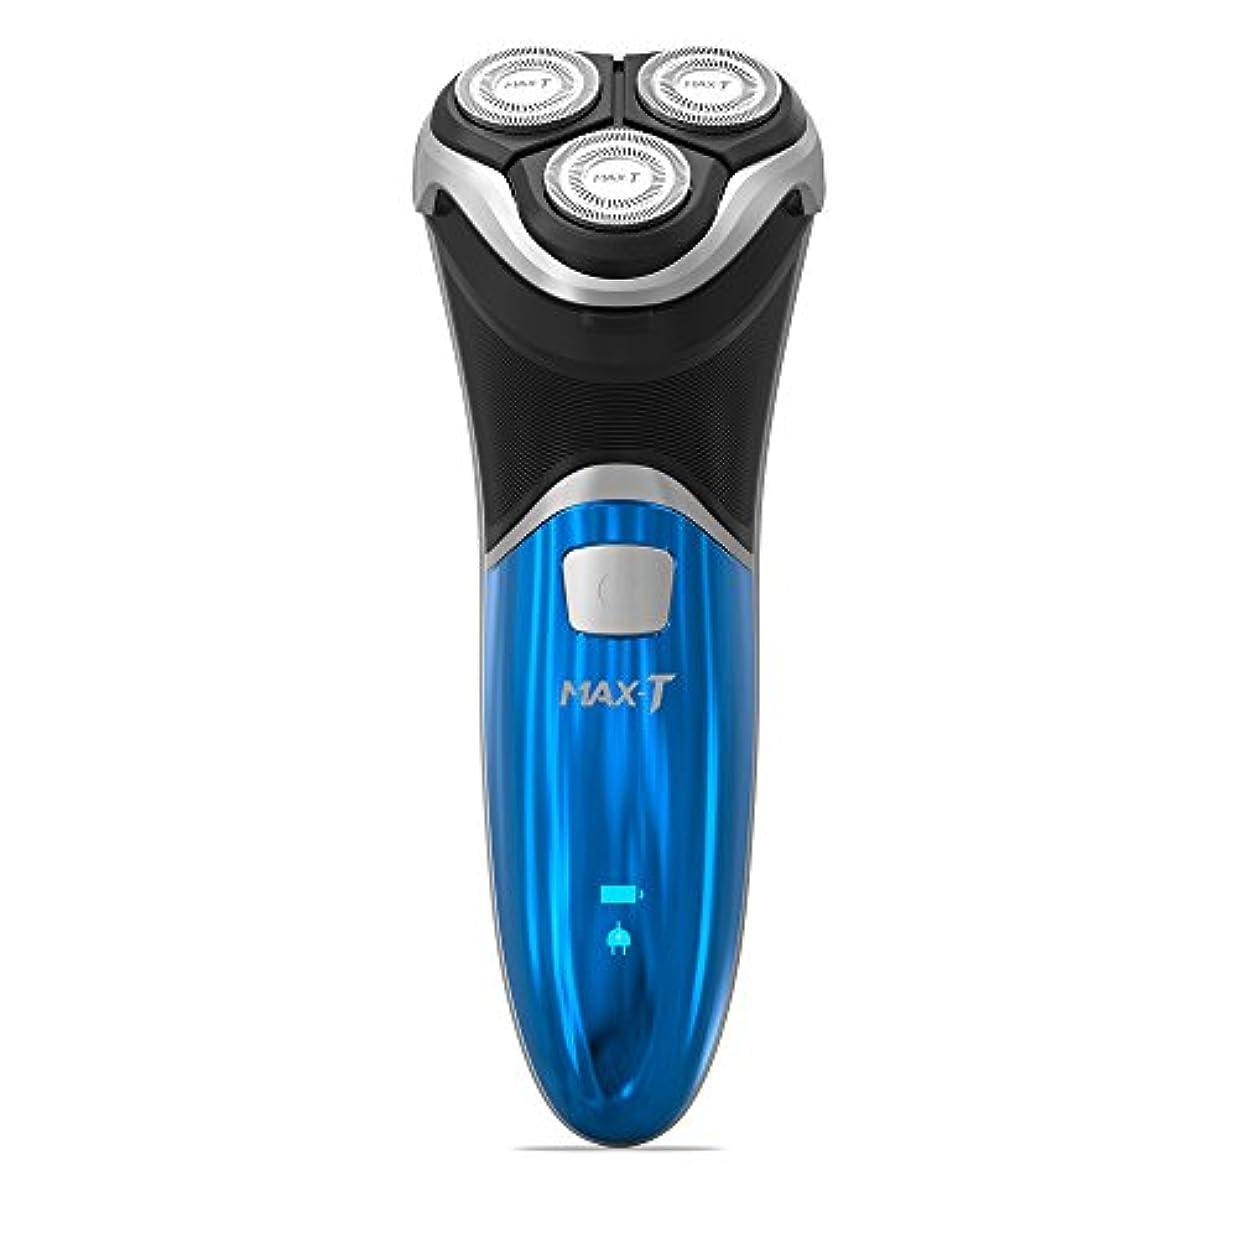 上向きほこり本当にシェーバー 3枚刃 IPX7級防水 お風呂剃り可 Micro USB充電 トリマー付属 MAX-T RMS6101 (RMS6101)